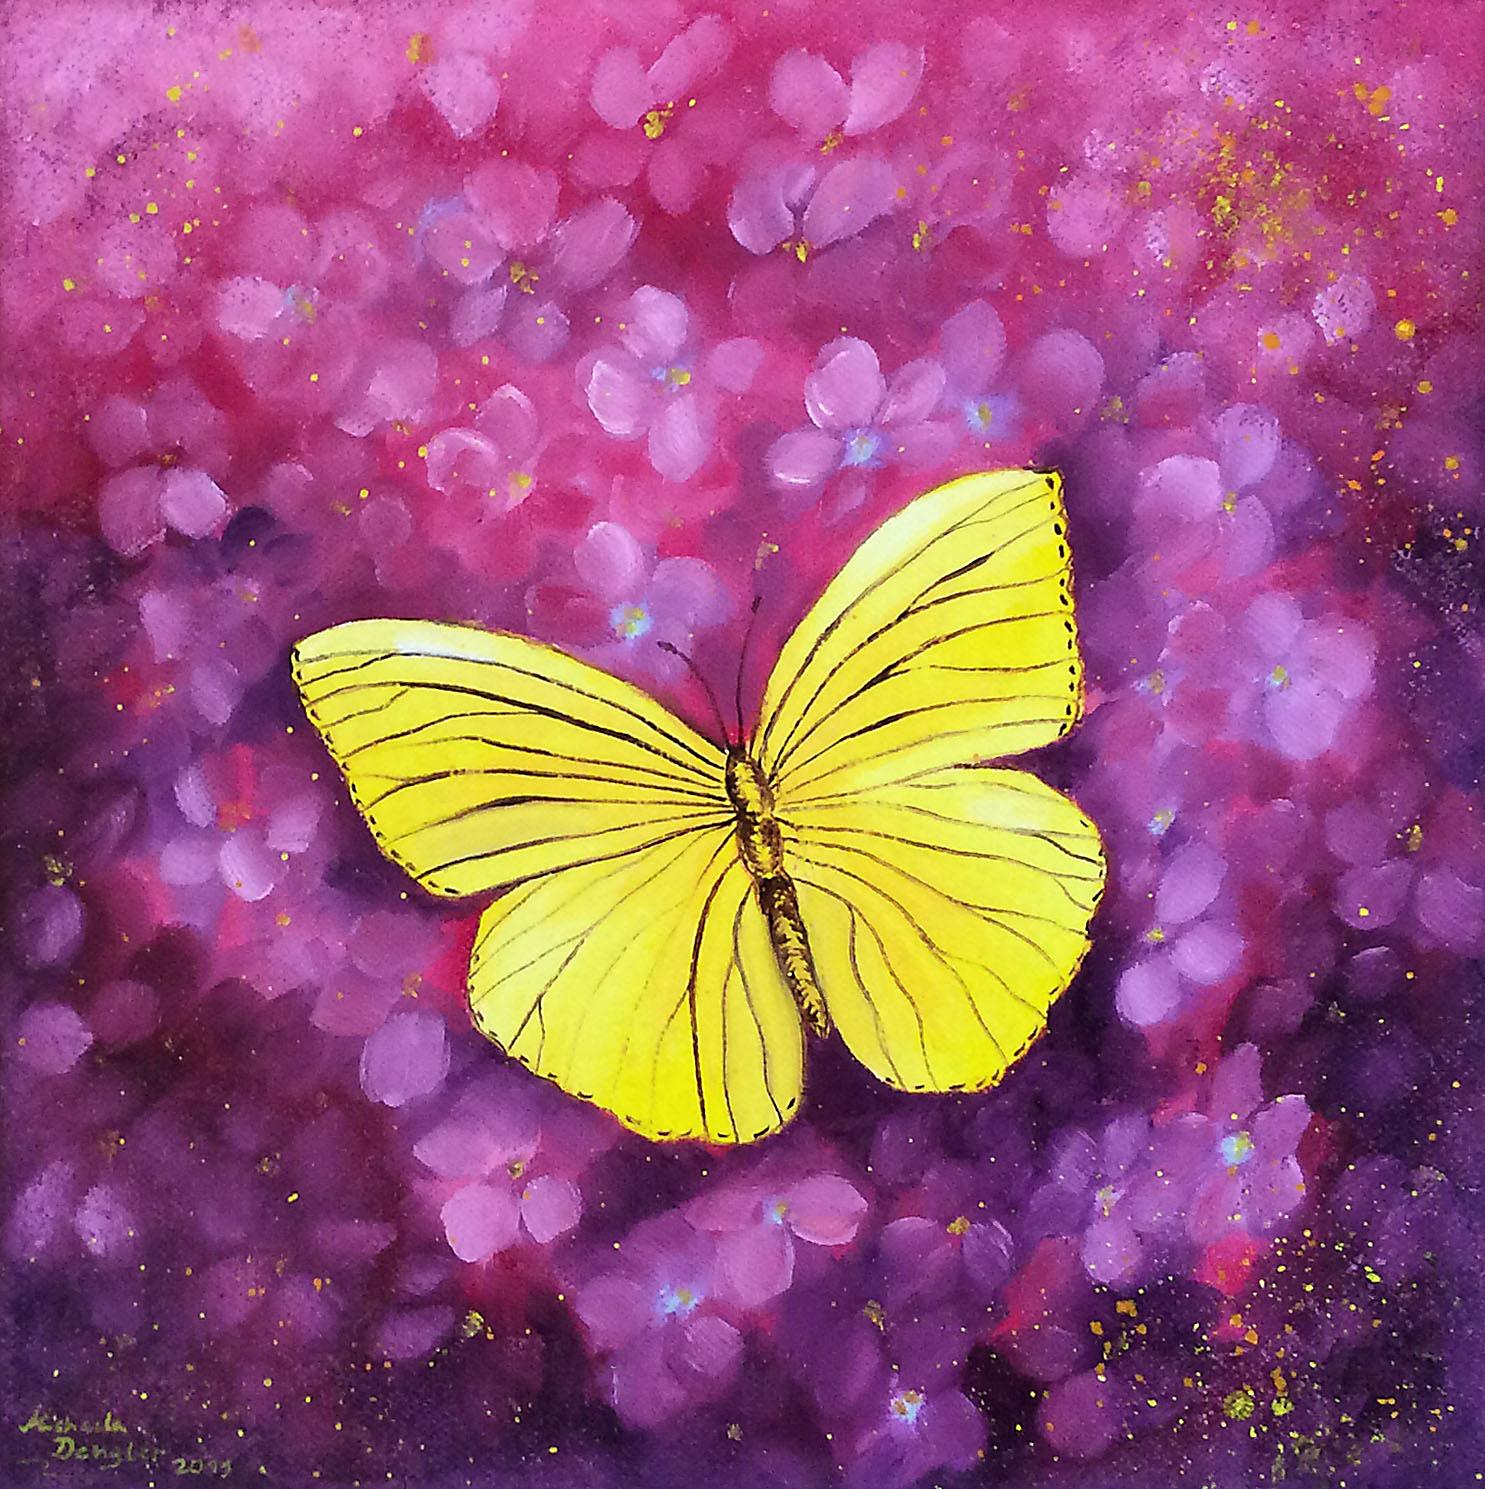 Schmetterling - Zitronenfalter